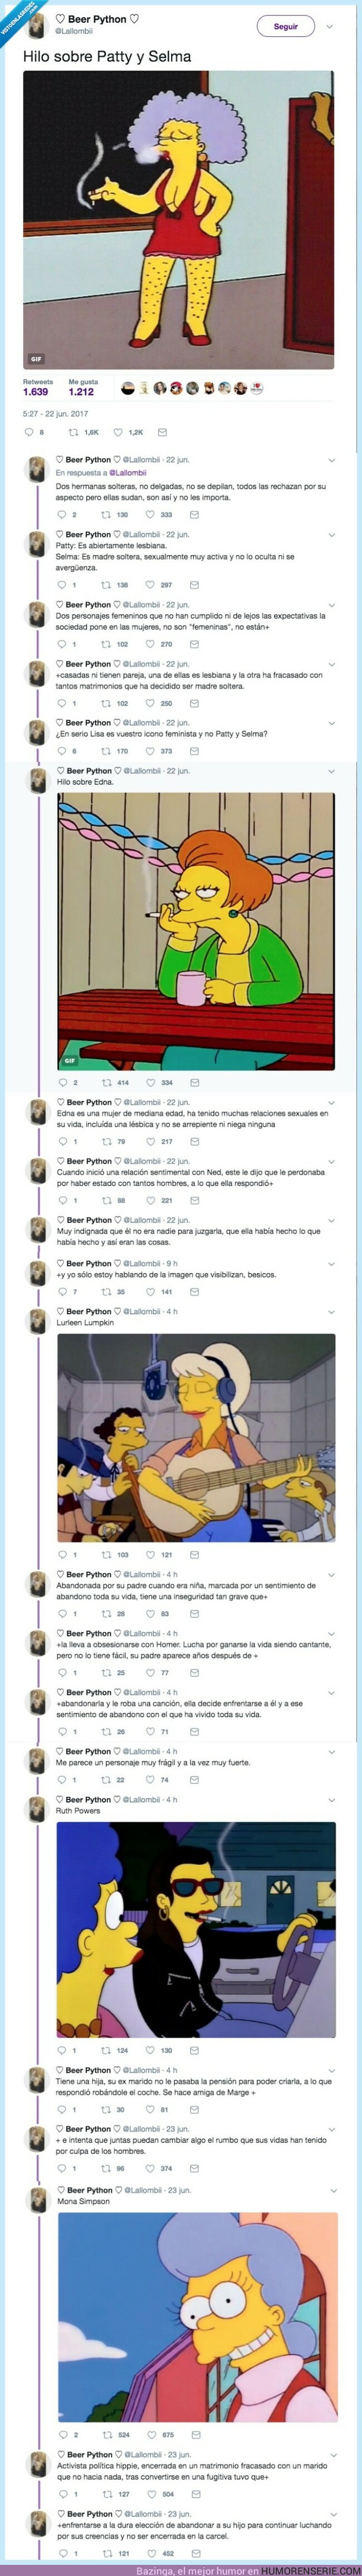 39504 - Hilo sobre Los Simpson y el feminismo. Seguro que no te habías dado cuenta de esto